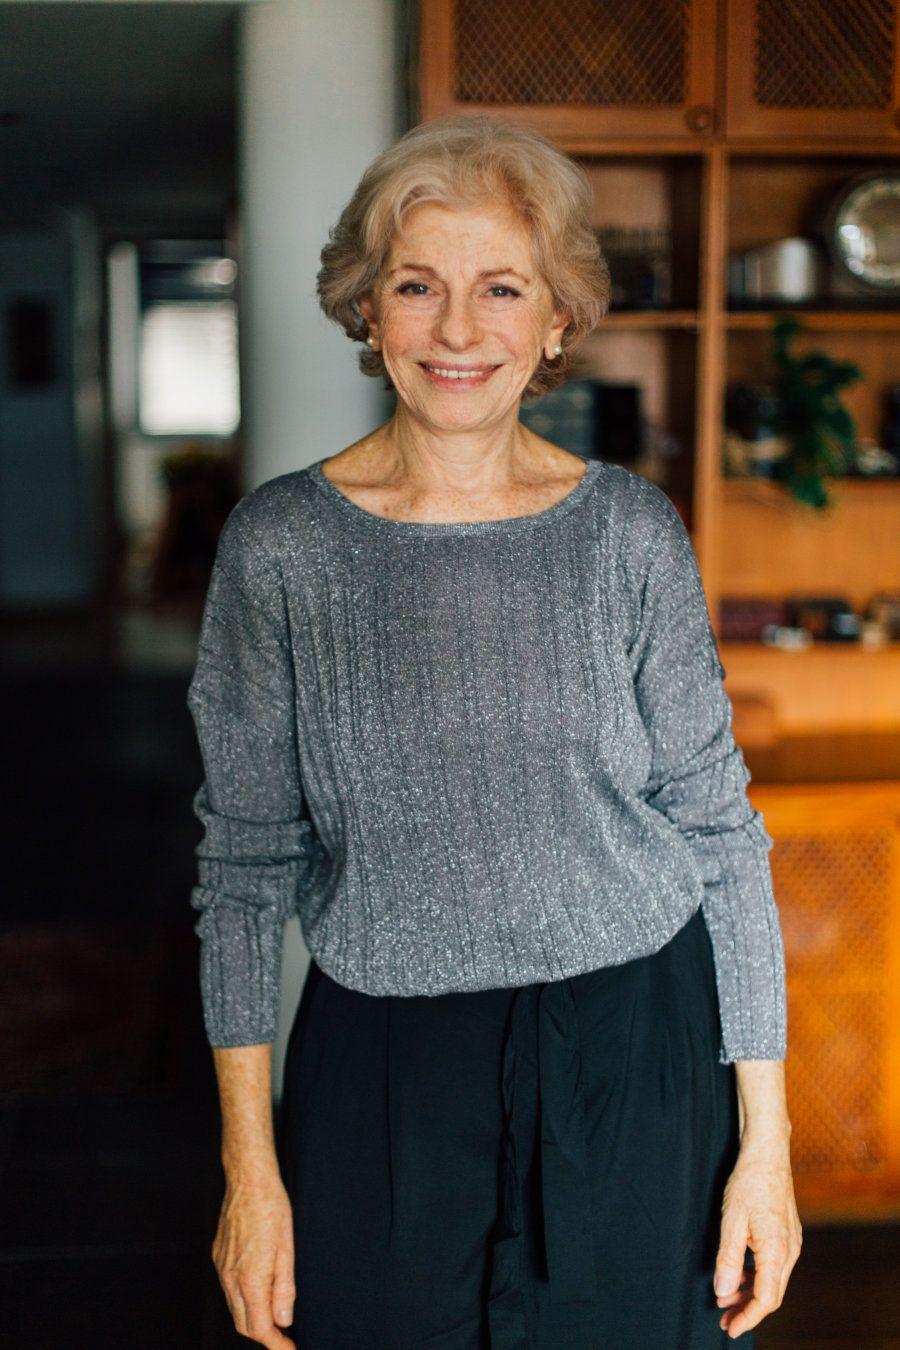 Lilian Blanc: Ela começou a estudar teatro aos 40 anos e realizou sonho de ser